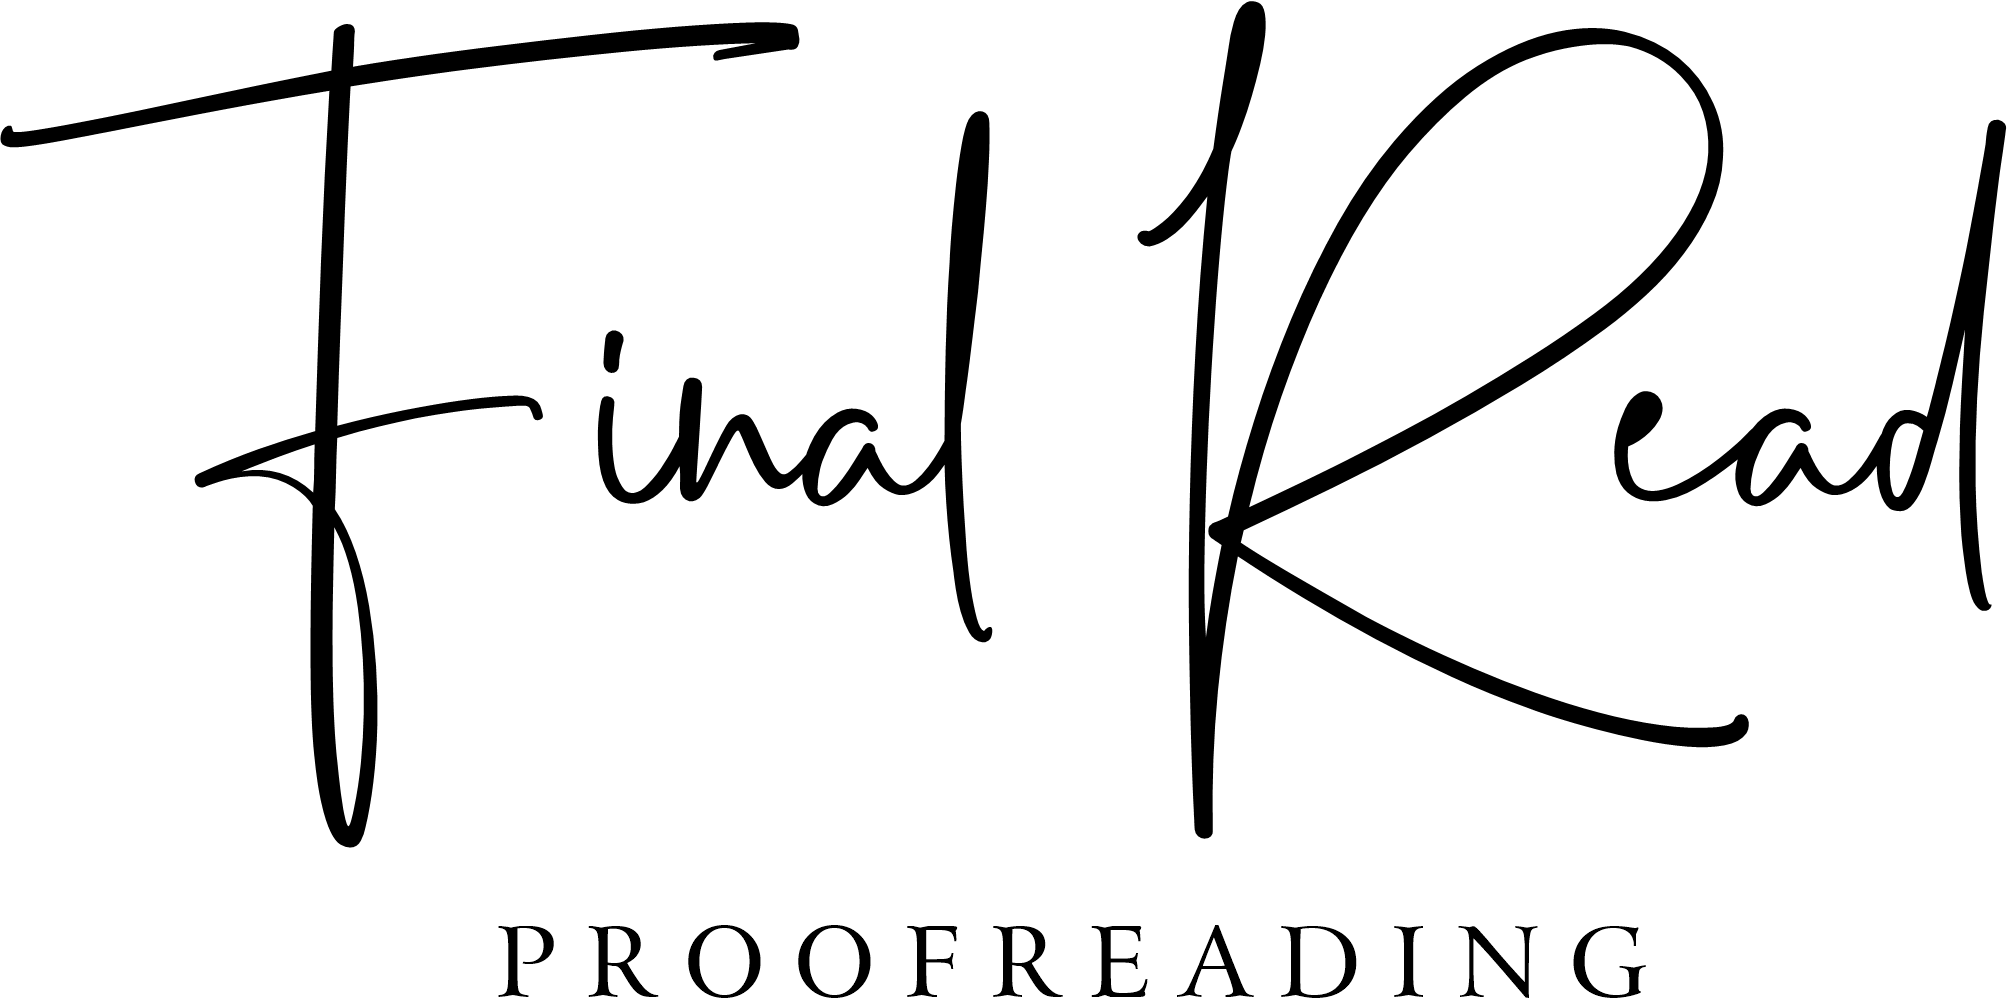 Final Read